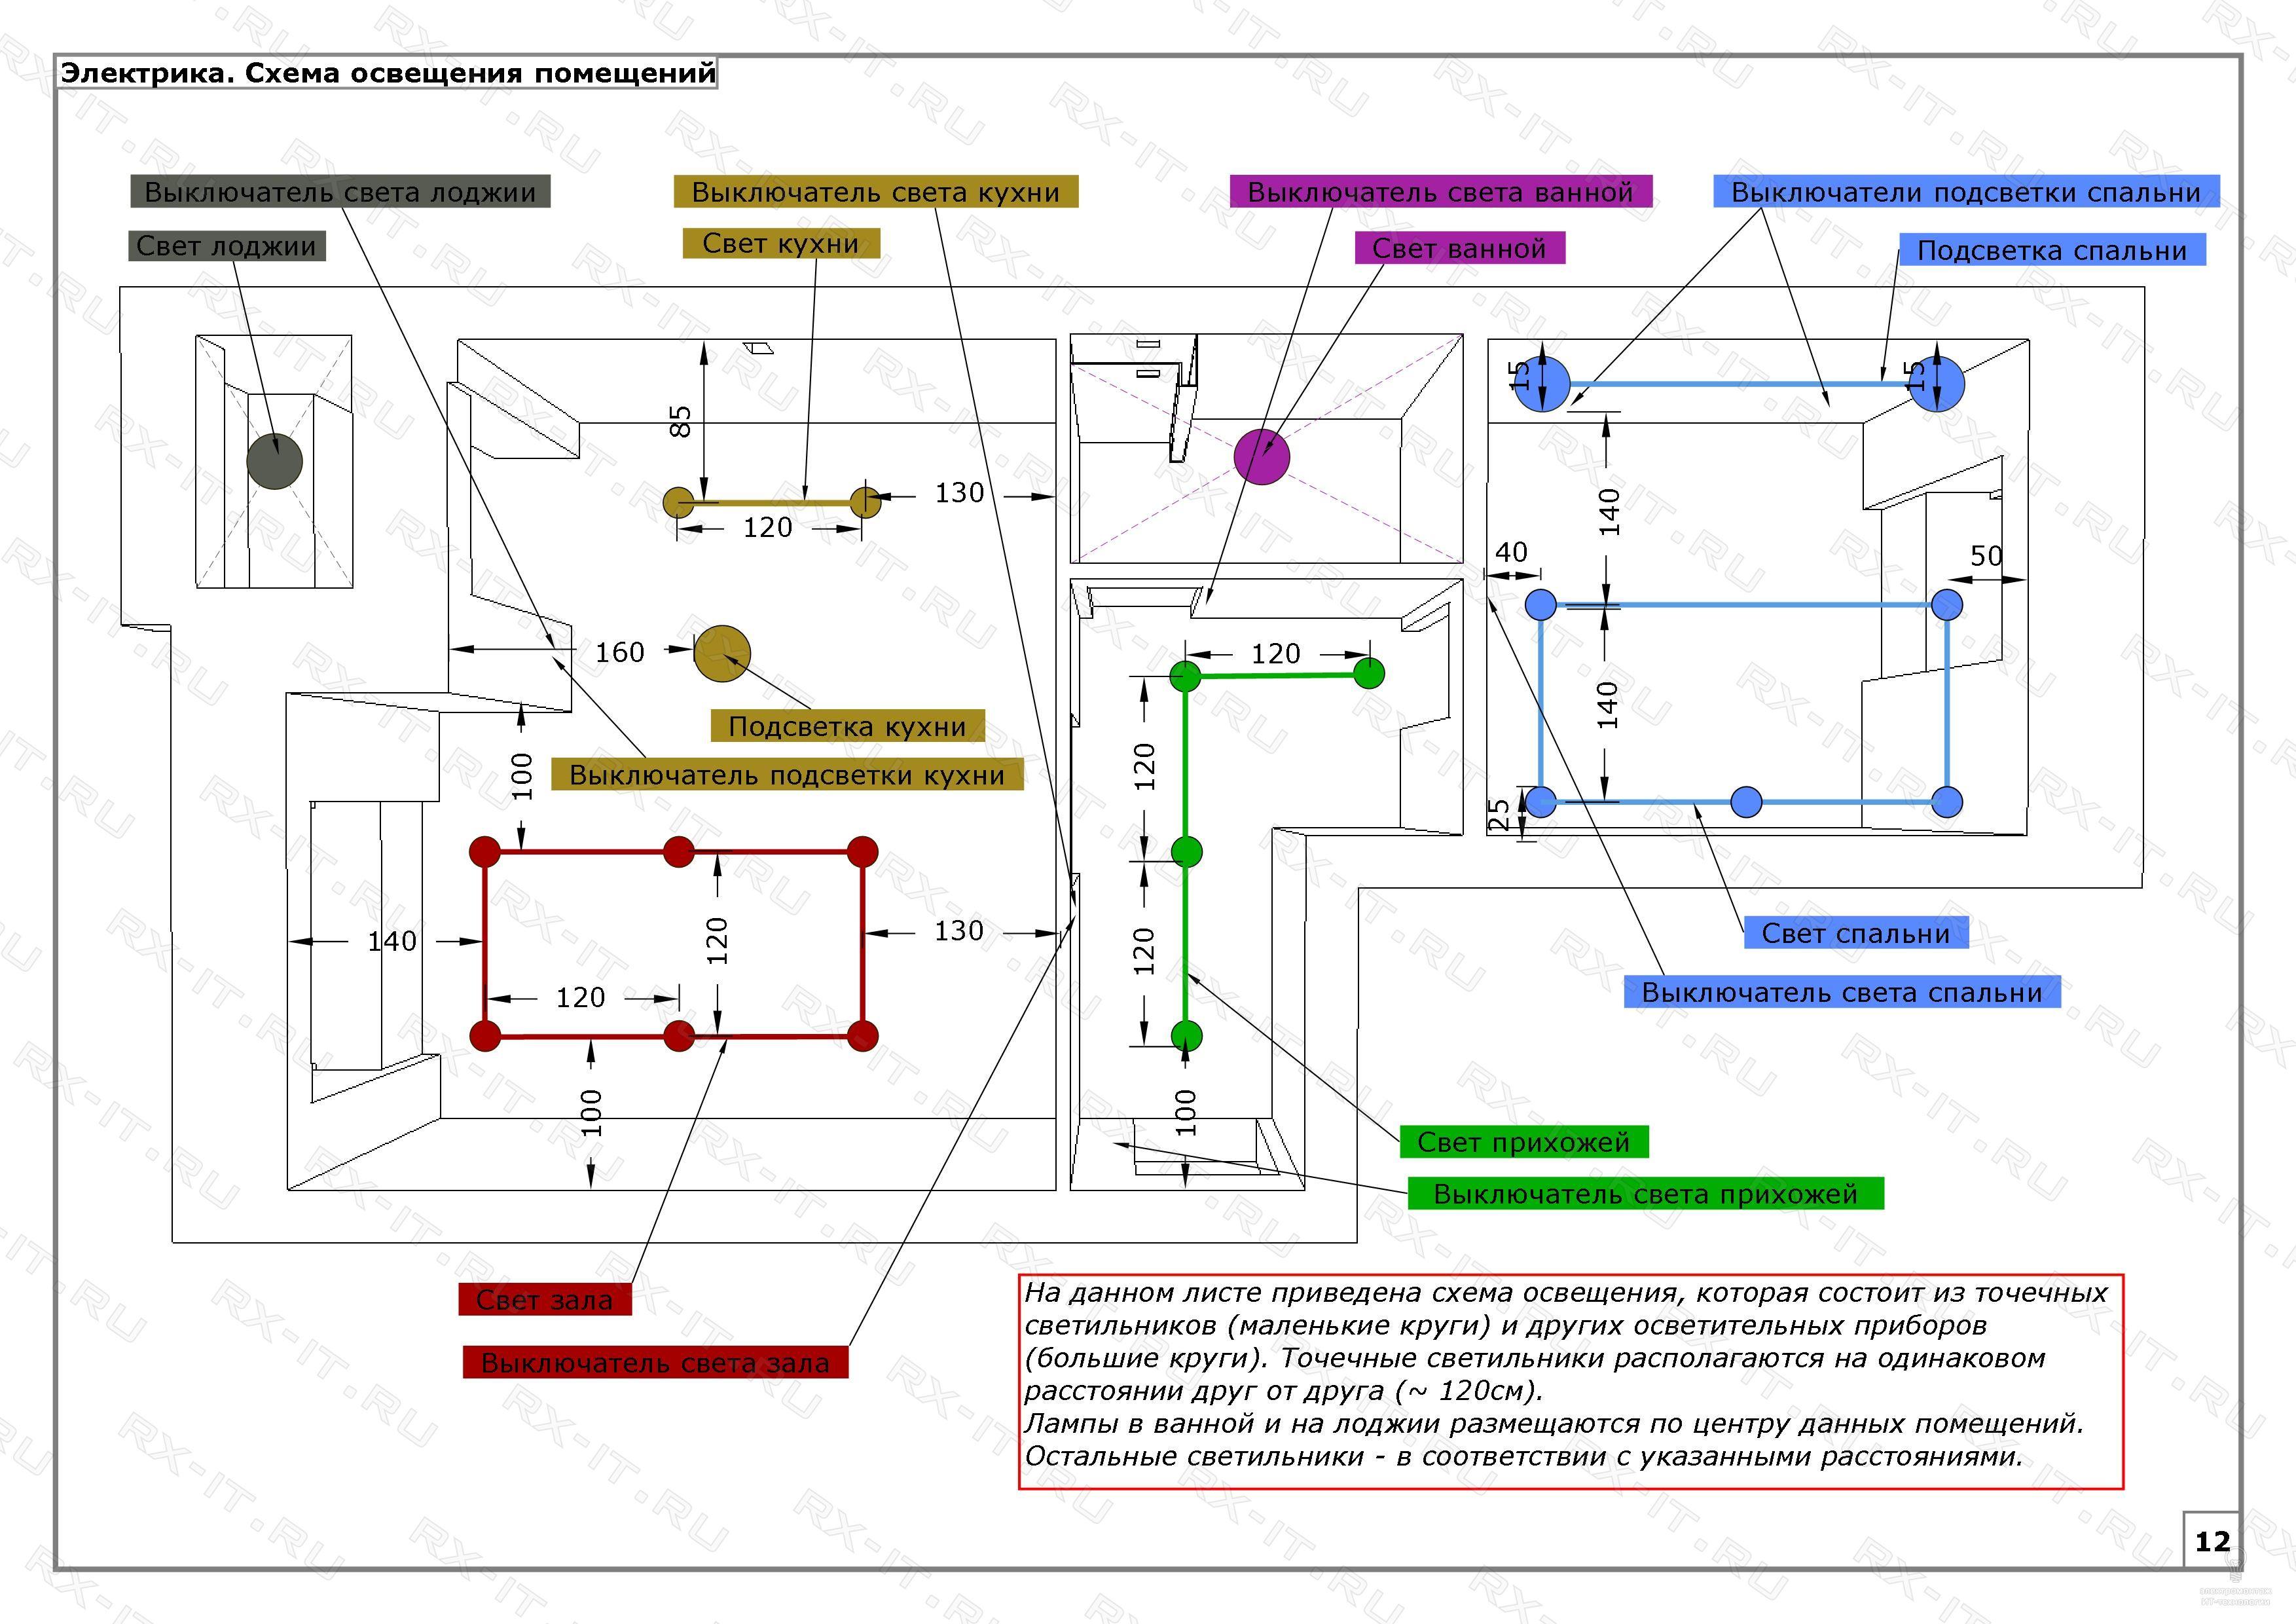 Цепи освещения и схемы управления освещением 83